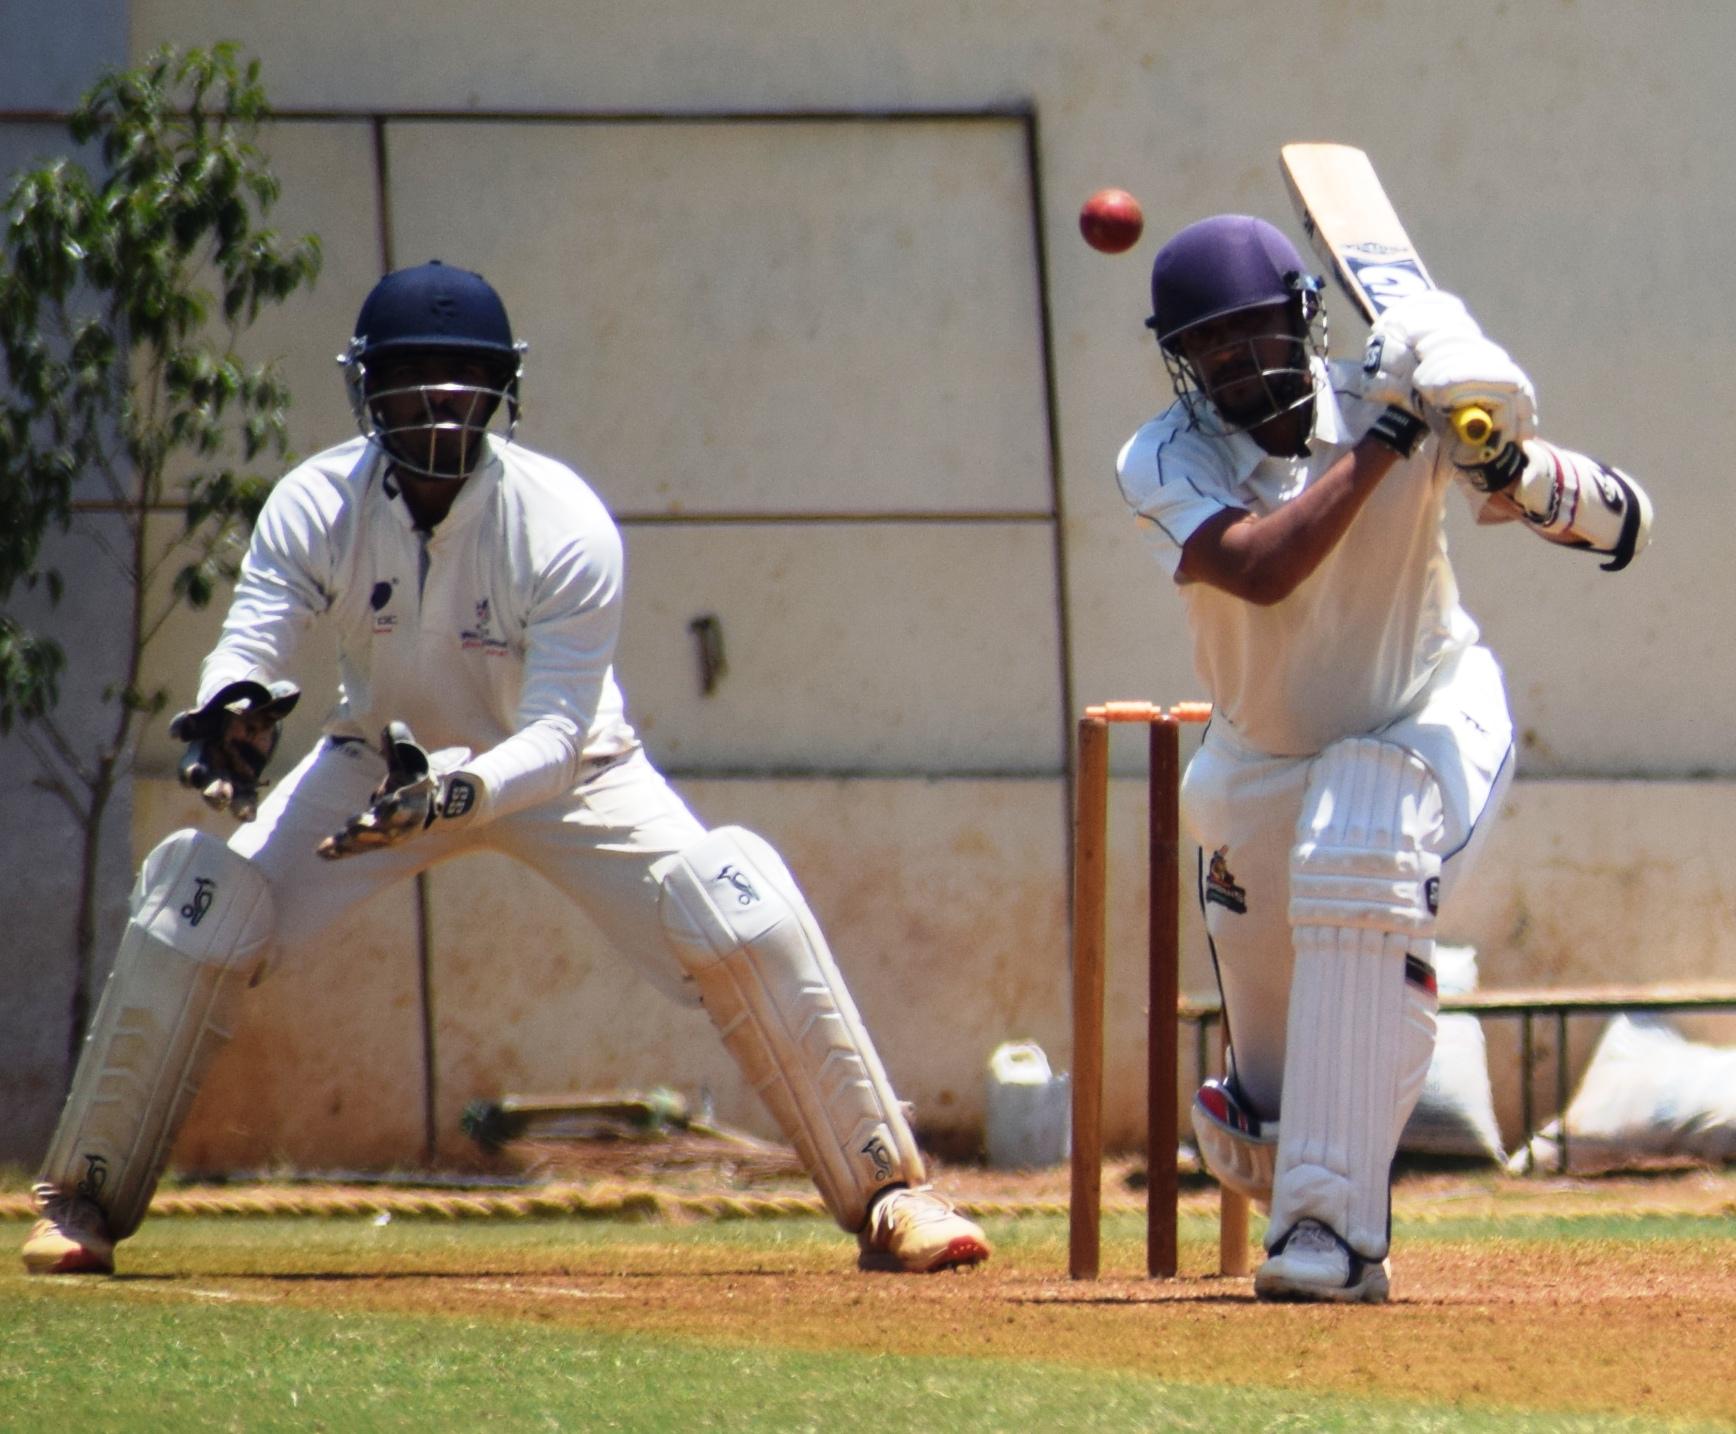 पीवायसी-गोल्डफिल्ड-मांडके चषक क्रिकेट स्पर्धेत पहिल्या दिवसावर व्हेरॉक संघाचे वर्चस्व; केडन्स संघाला 224धावांवर रोखले